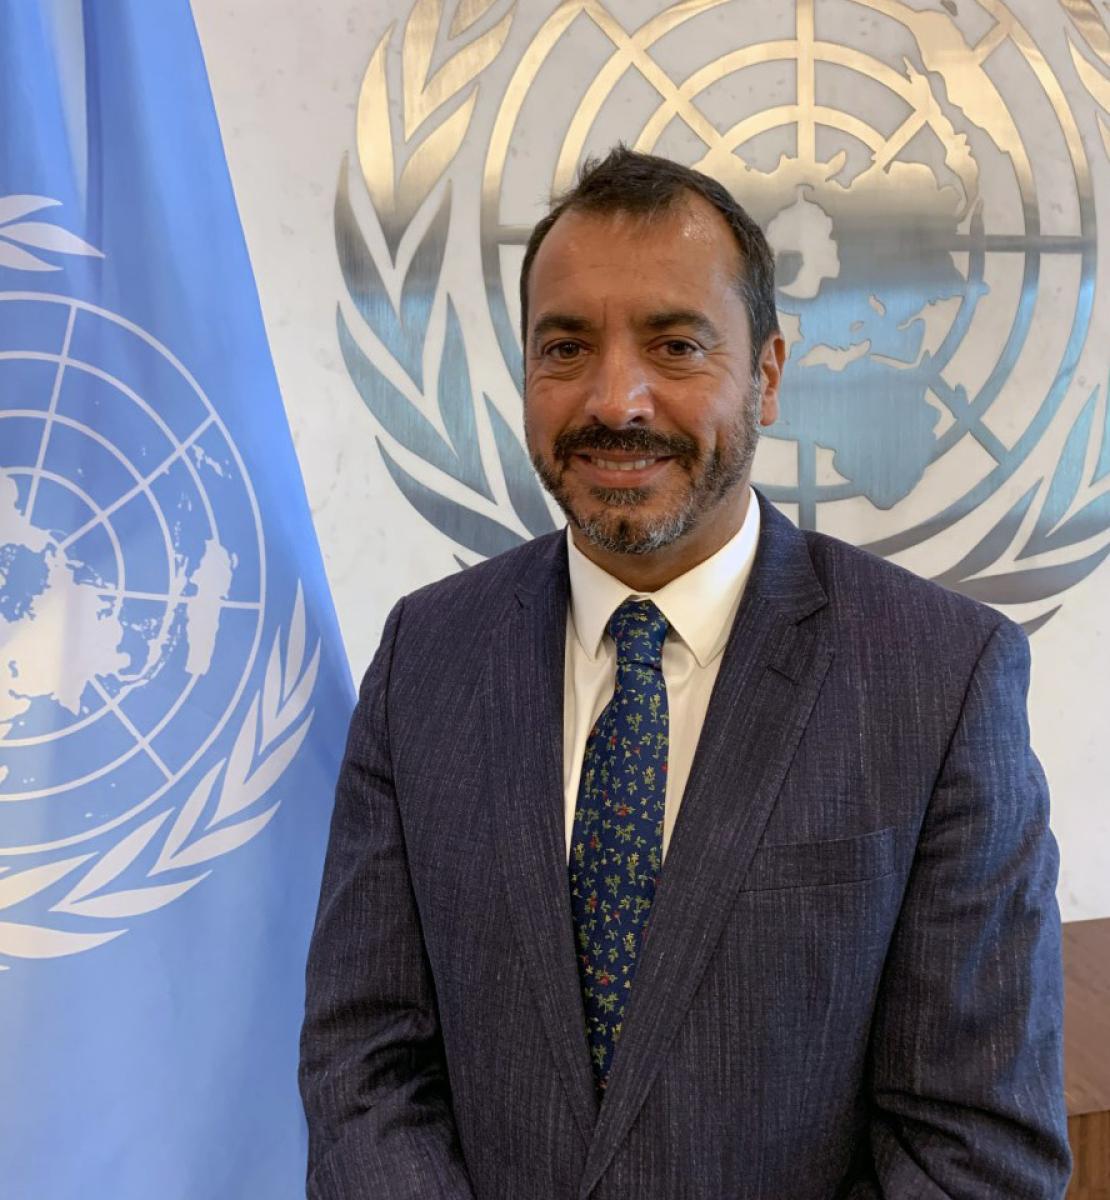 Photo officielle du nouveau Coordonnateur résident des Nations Unies en Algérie, Alejandro Alvarez.